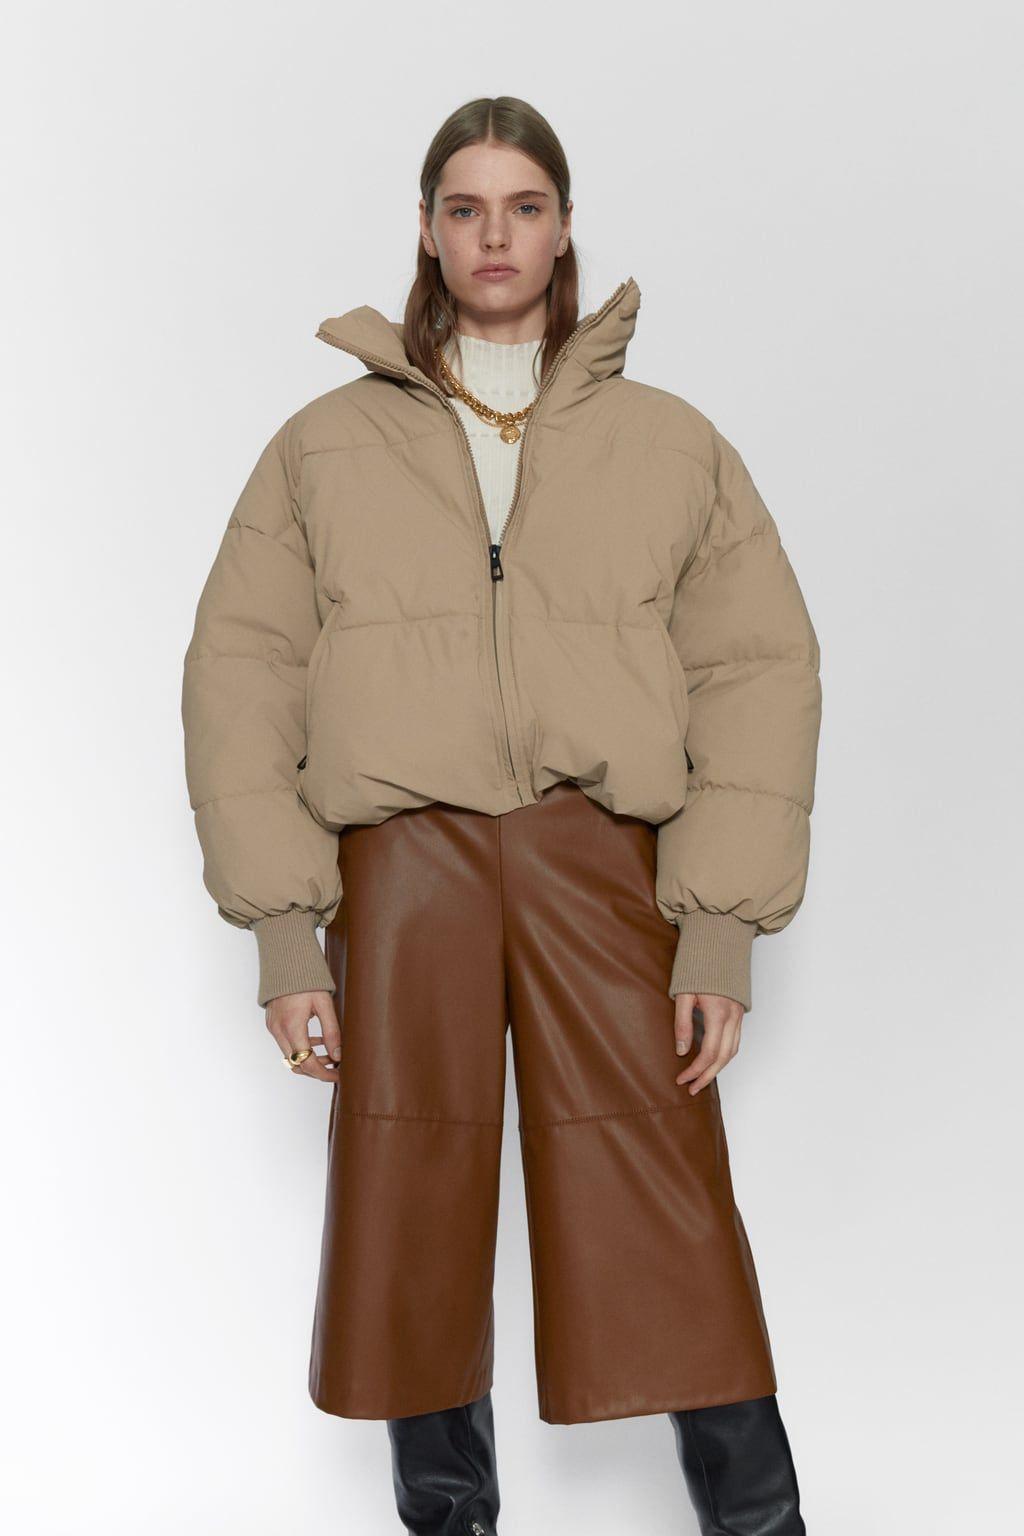 Oversized Puffer Jacket Zara United States Oversized Puffer Jacket Jackets High Collar [ 1536 x 1024 Pixel ]